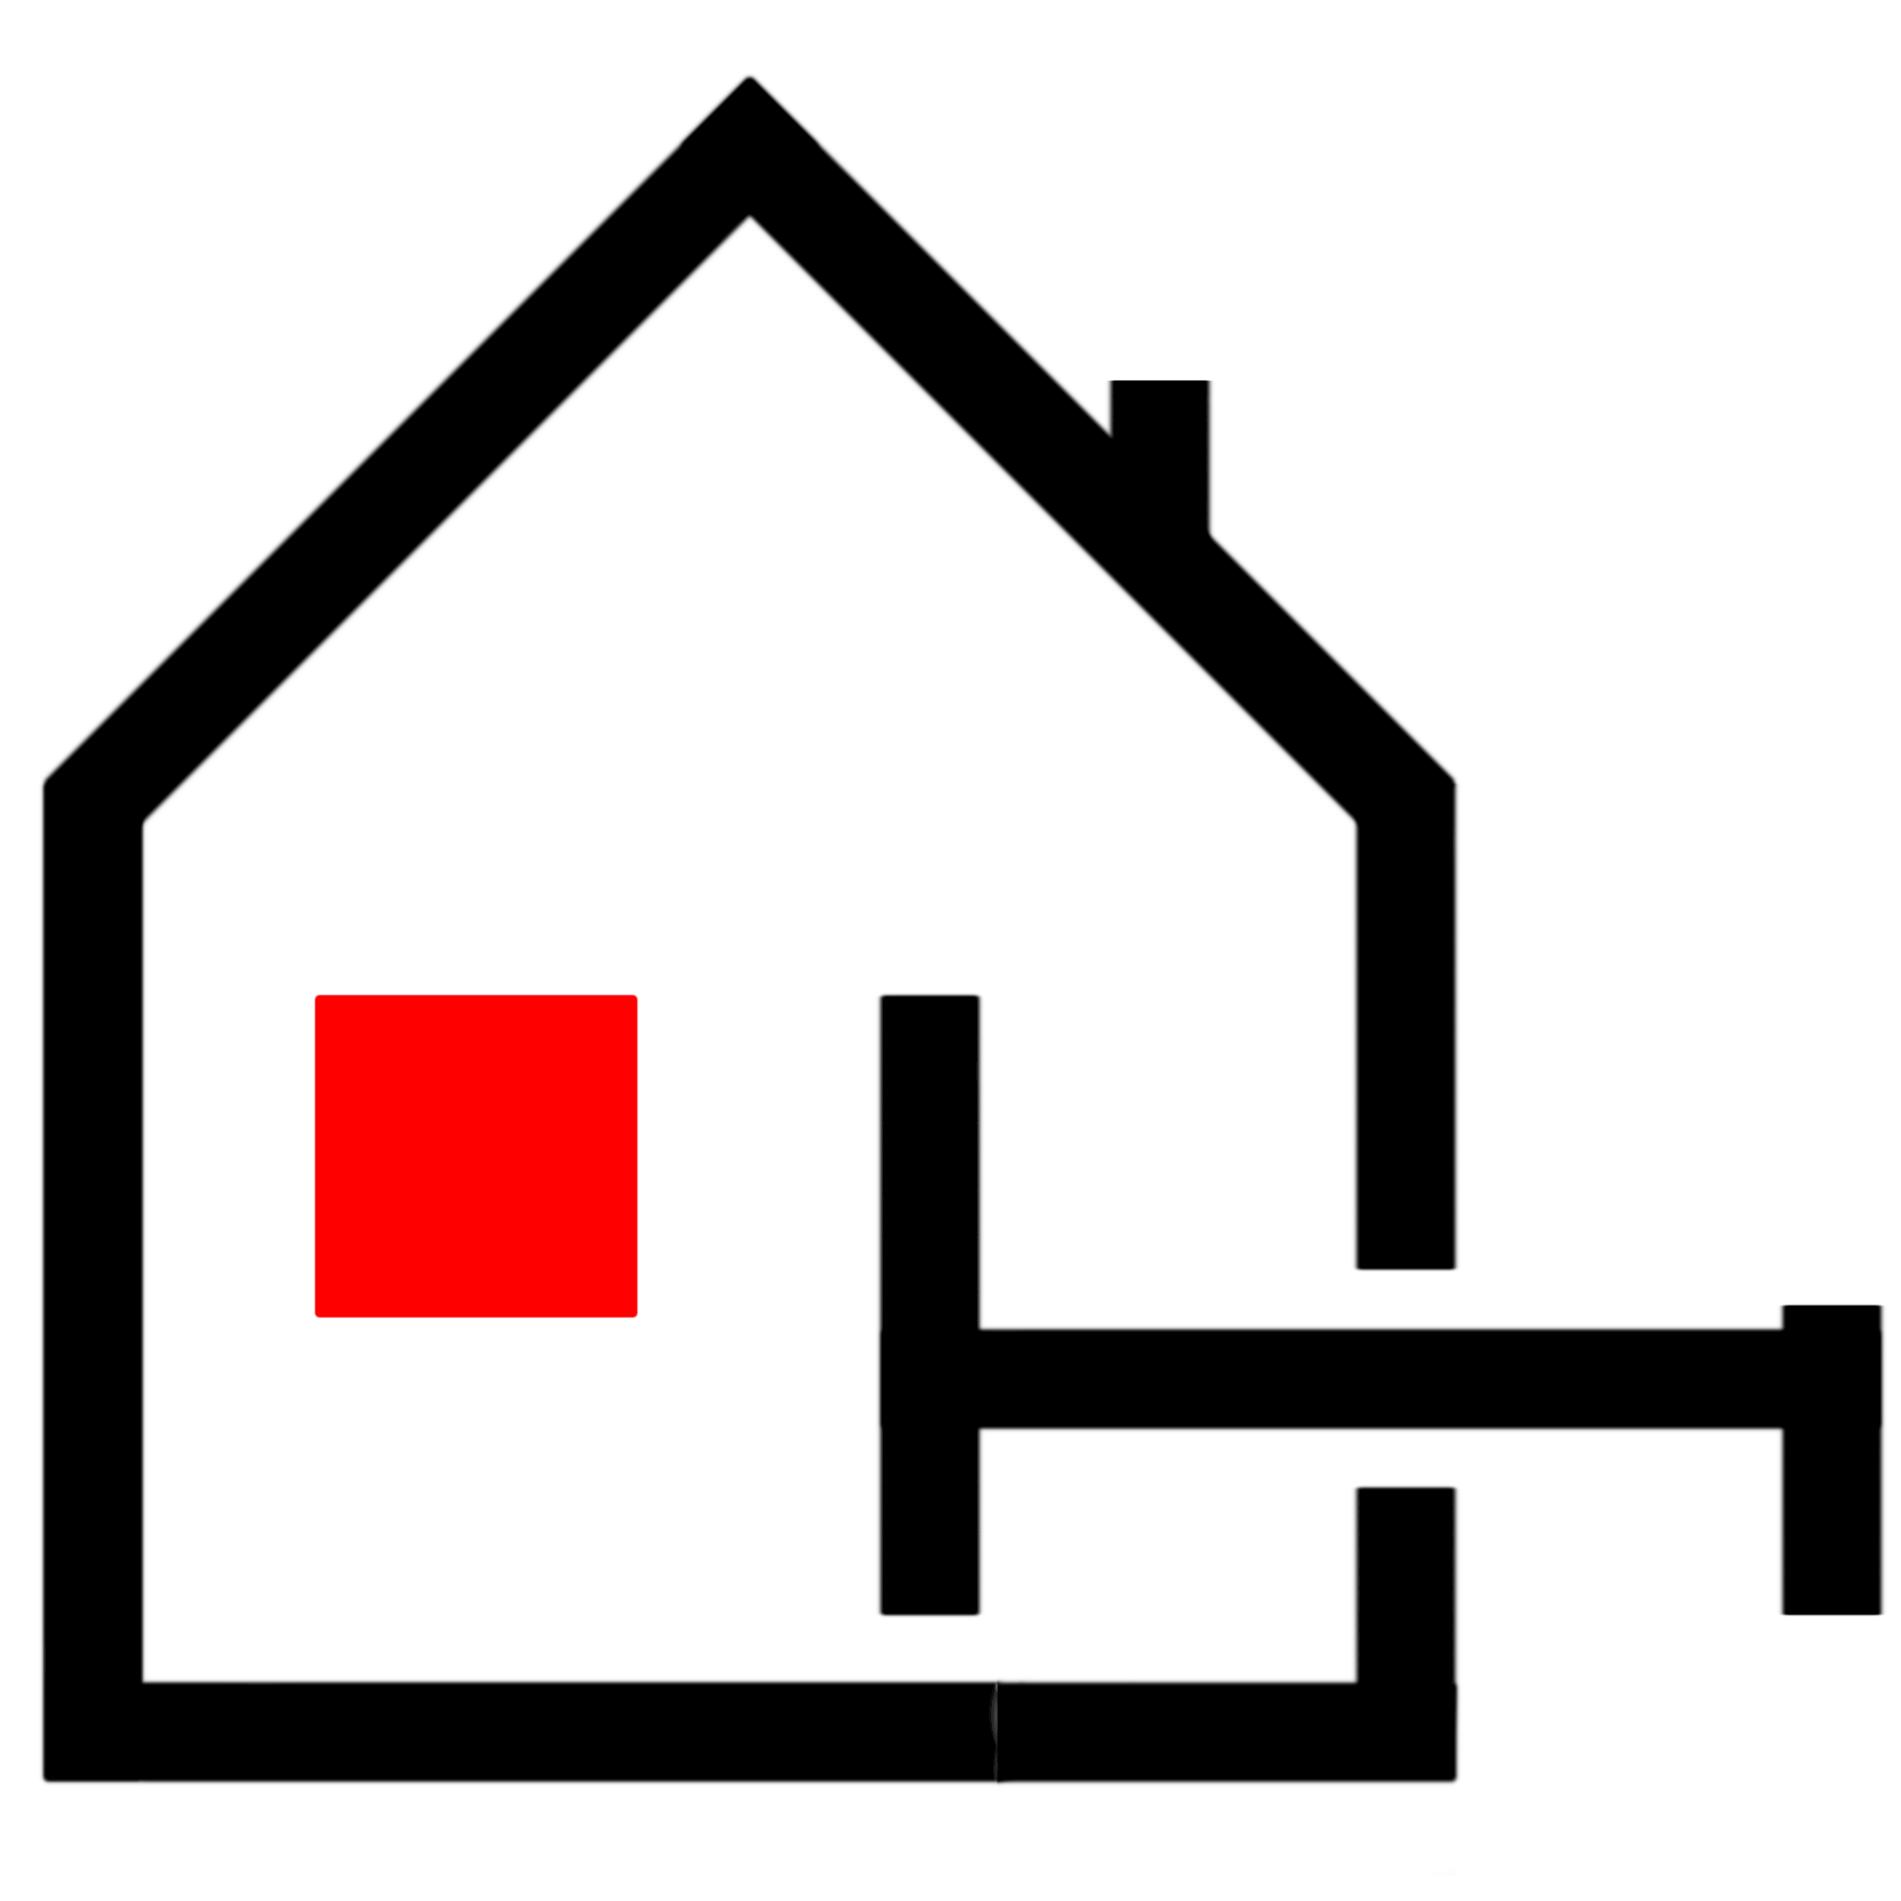 Logo du Centre Orchidée : une maison avec un lit